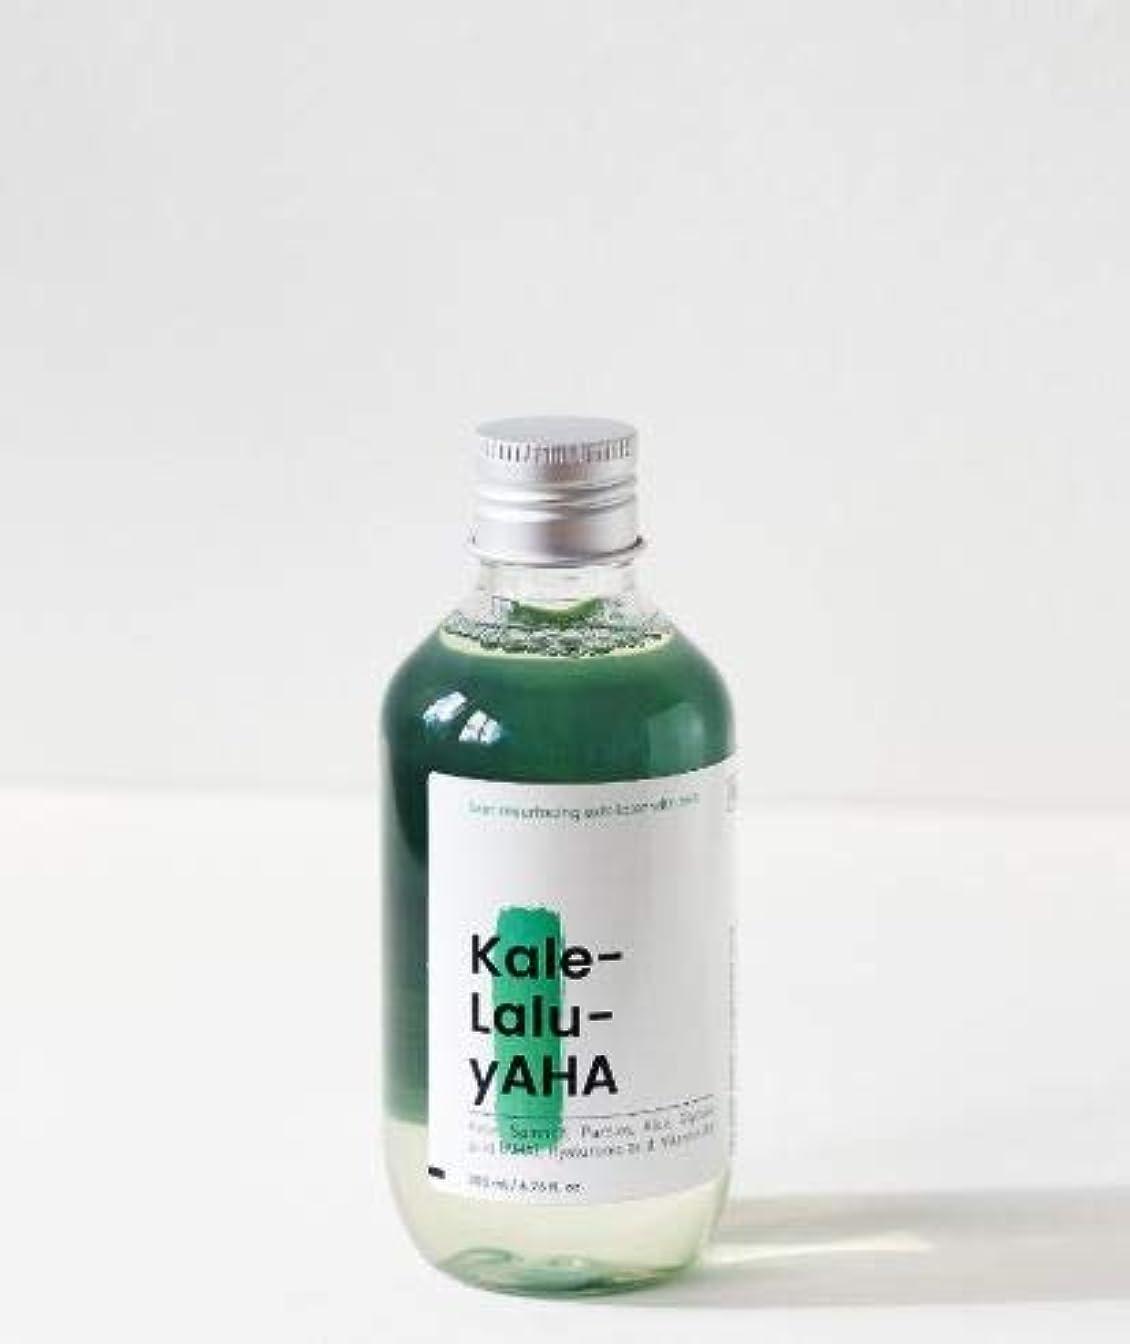 つぶやき農夫規範[Krave] Kale-lalu-yAHA 200ml / ケイルラルヤ 200ml [並行輸入品]